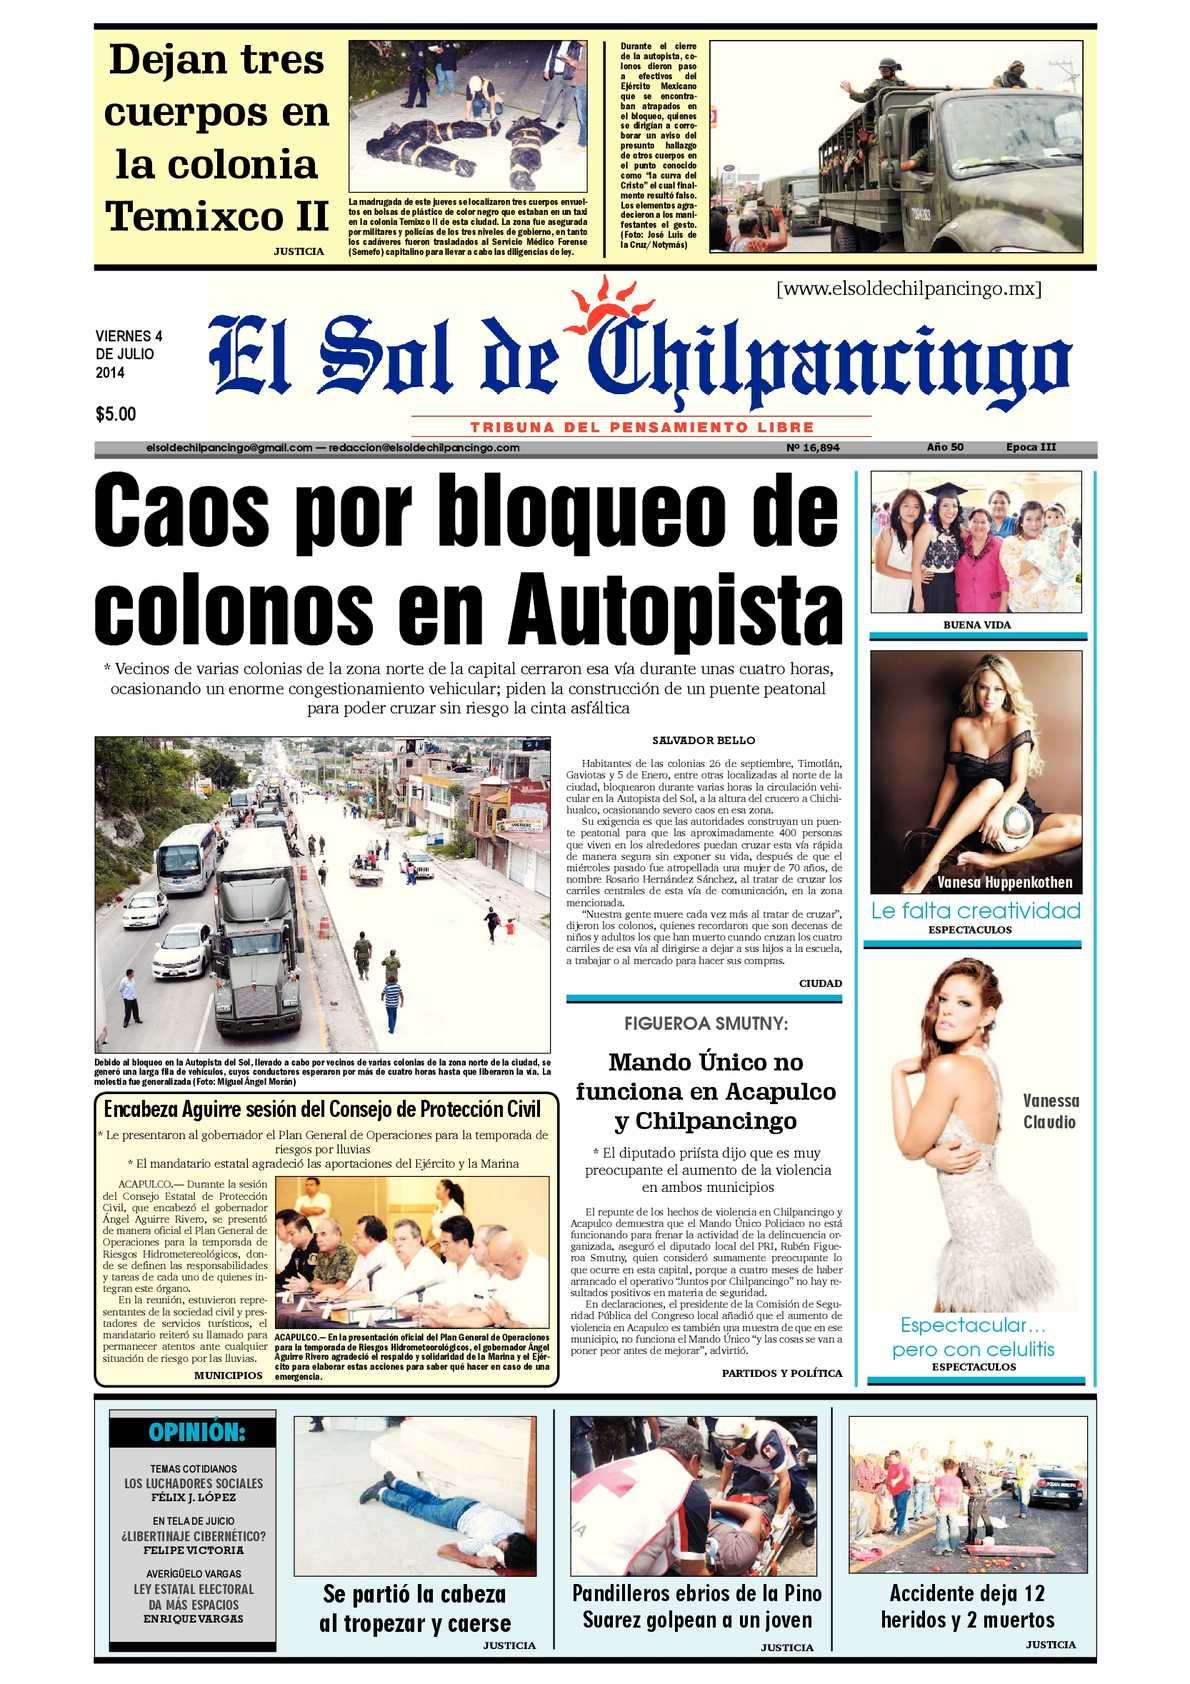 Calaméo - El Sol de Chilpancingo 04 Julio 2014